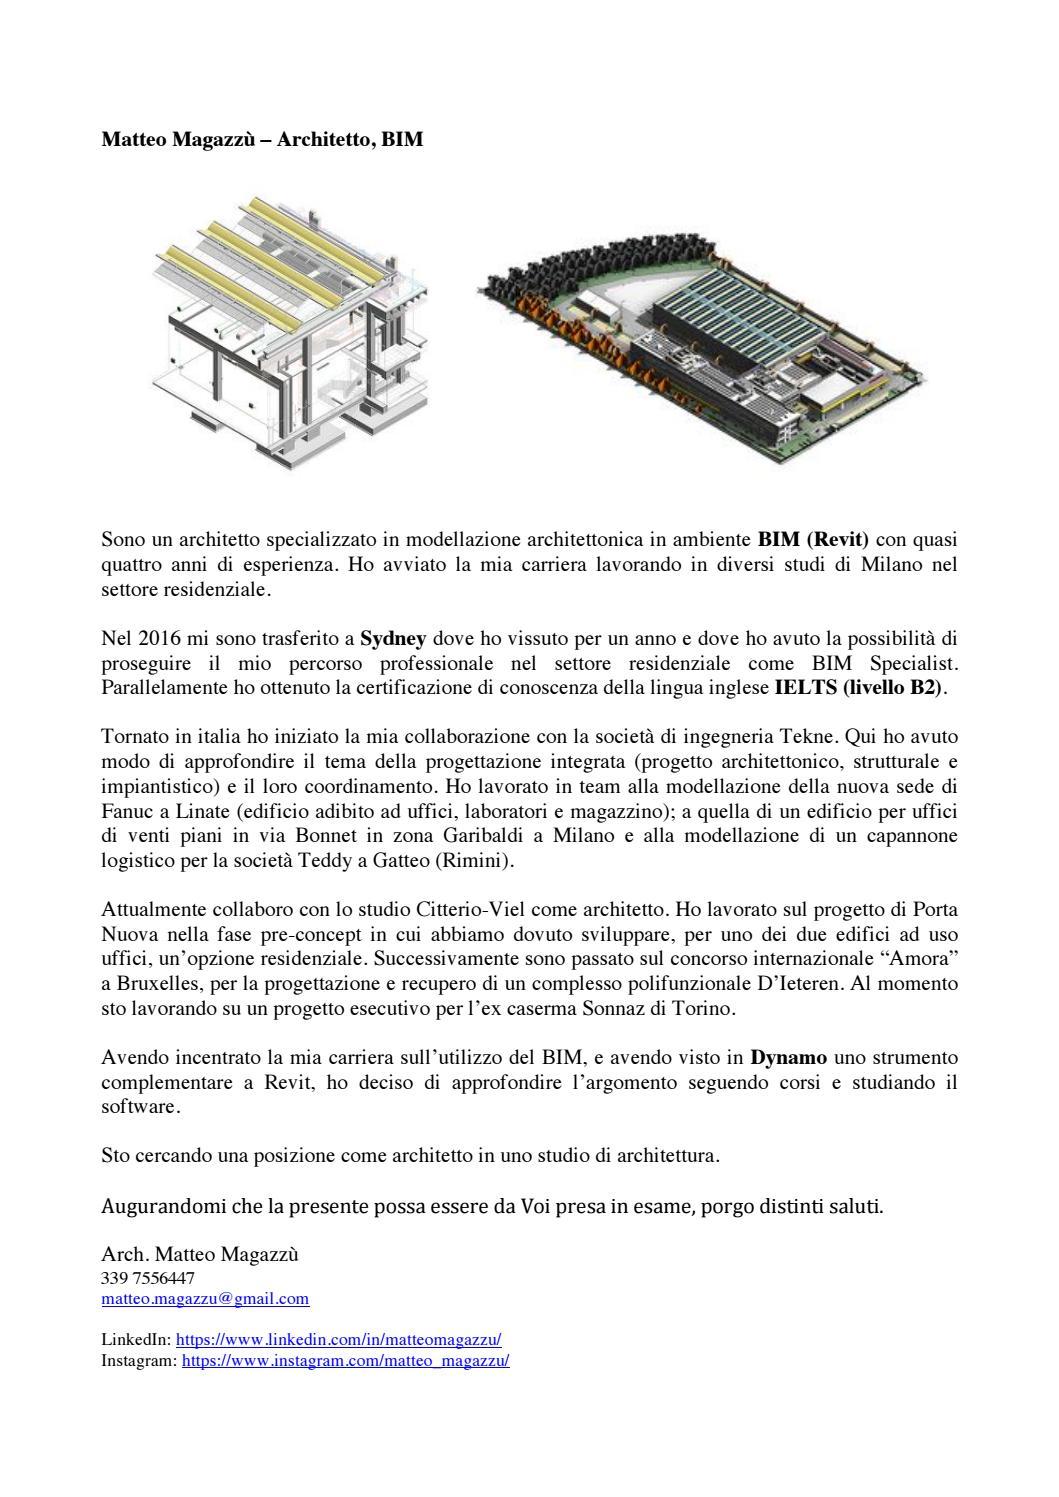 Studio Di Architettura In Inglese arch. matteo magazzù - cv/portfolio 2019 by matteo magazzù